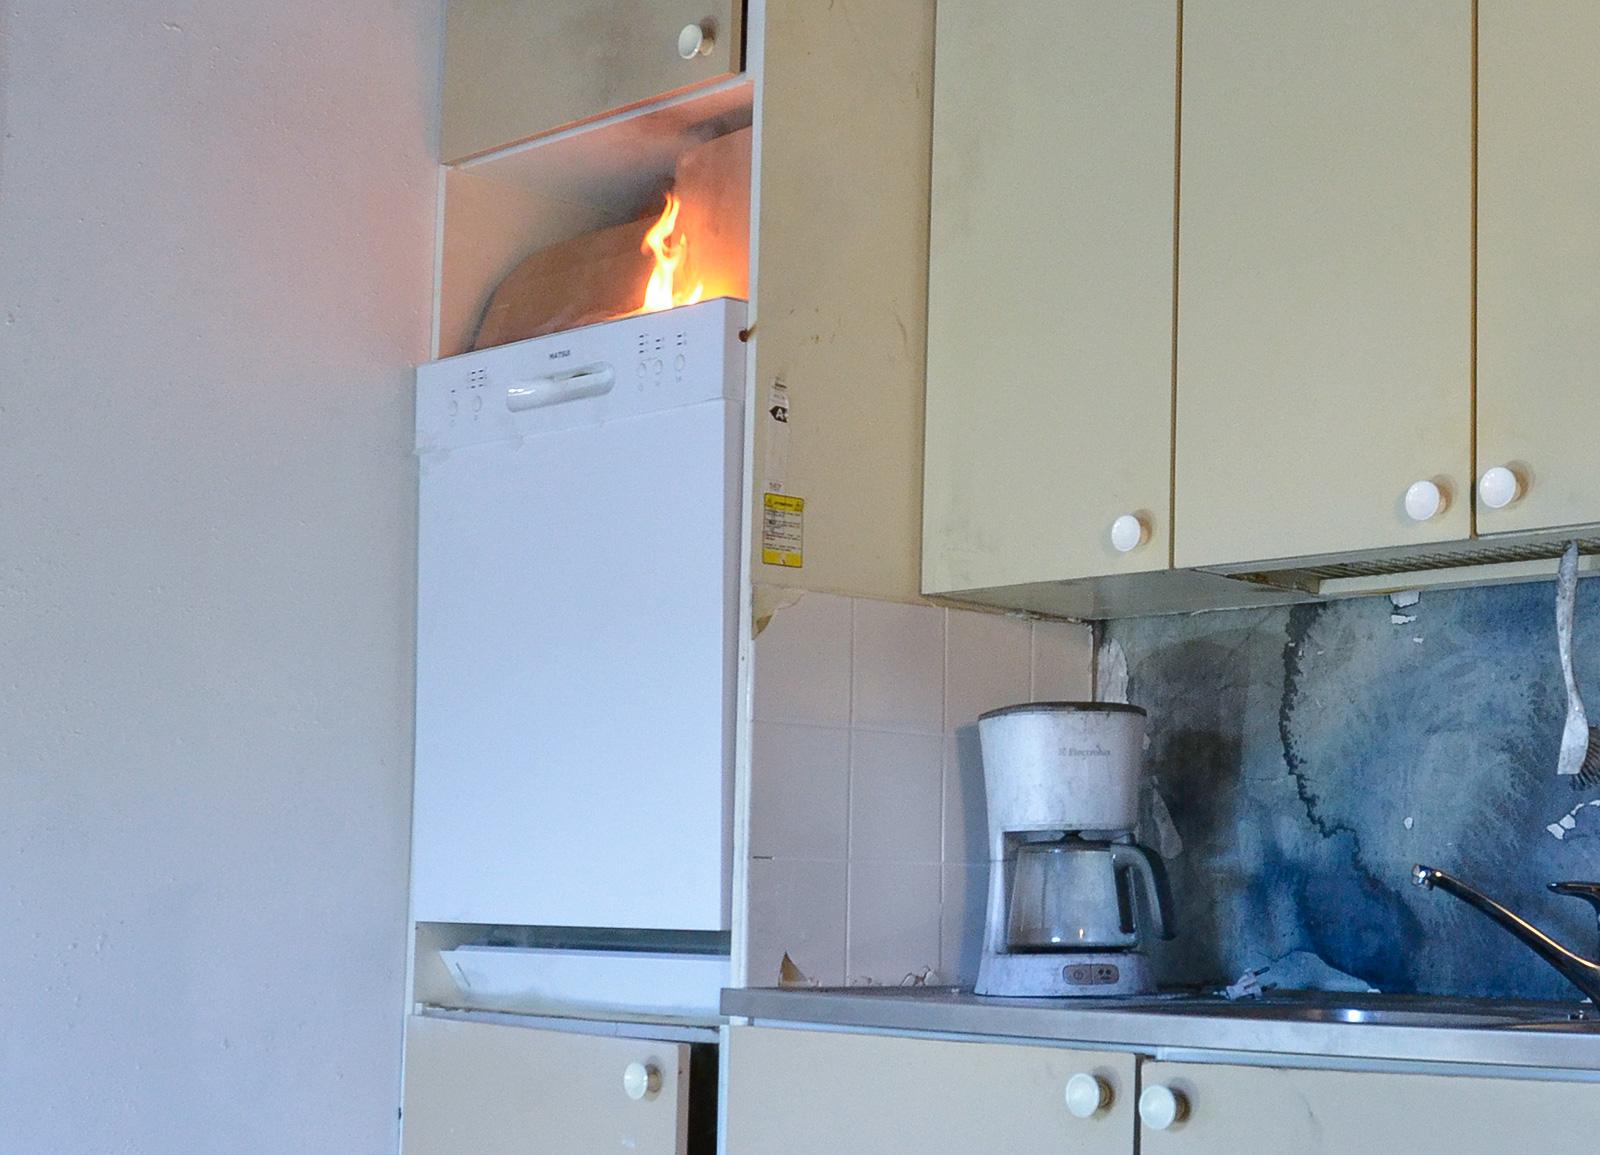 Pelastusopistolla on tutkittu tyypillisiä kodinkonepaloja. Kuva: Kimmo Kaisto.